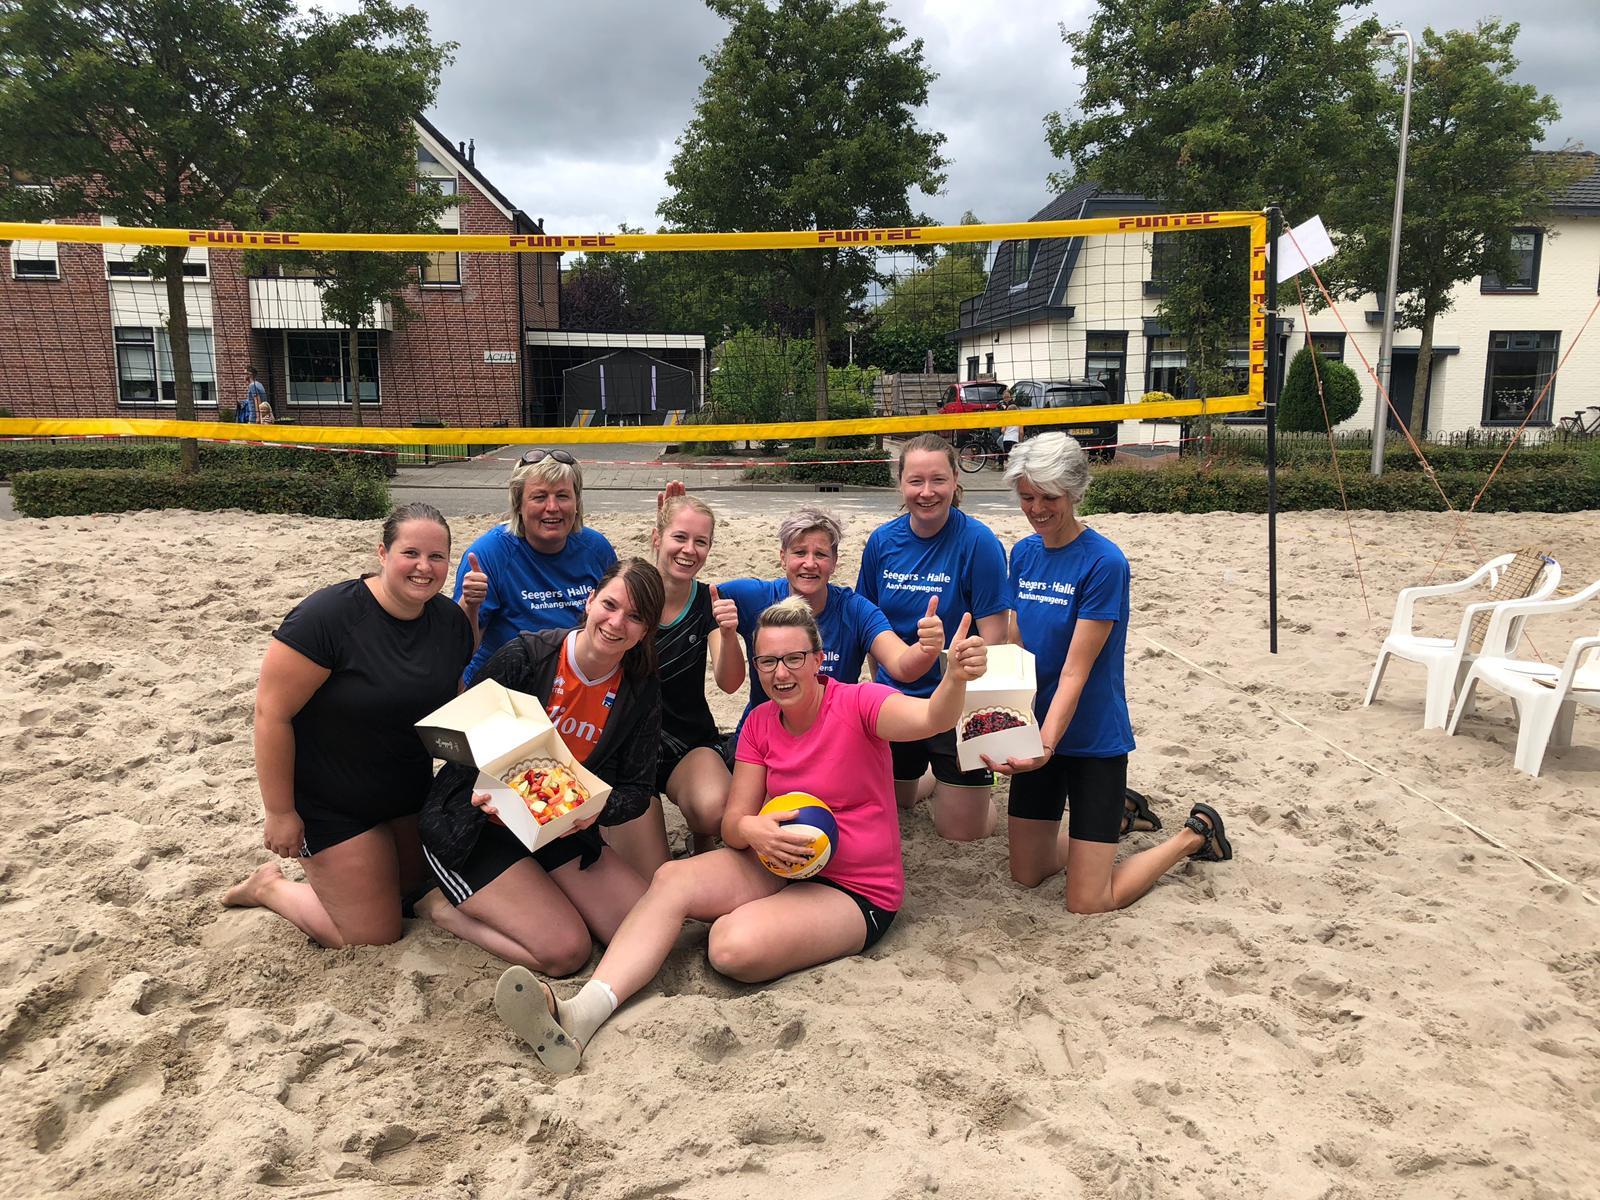 Winnaars Marienvelde Beachtoernooi 2019